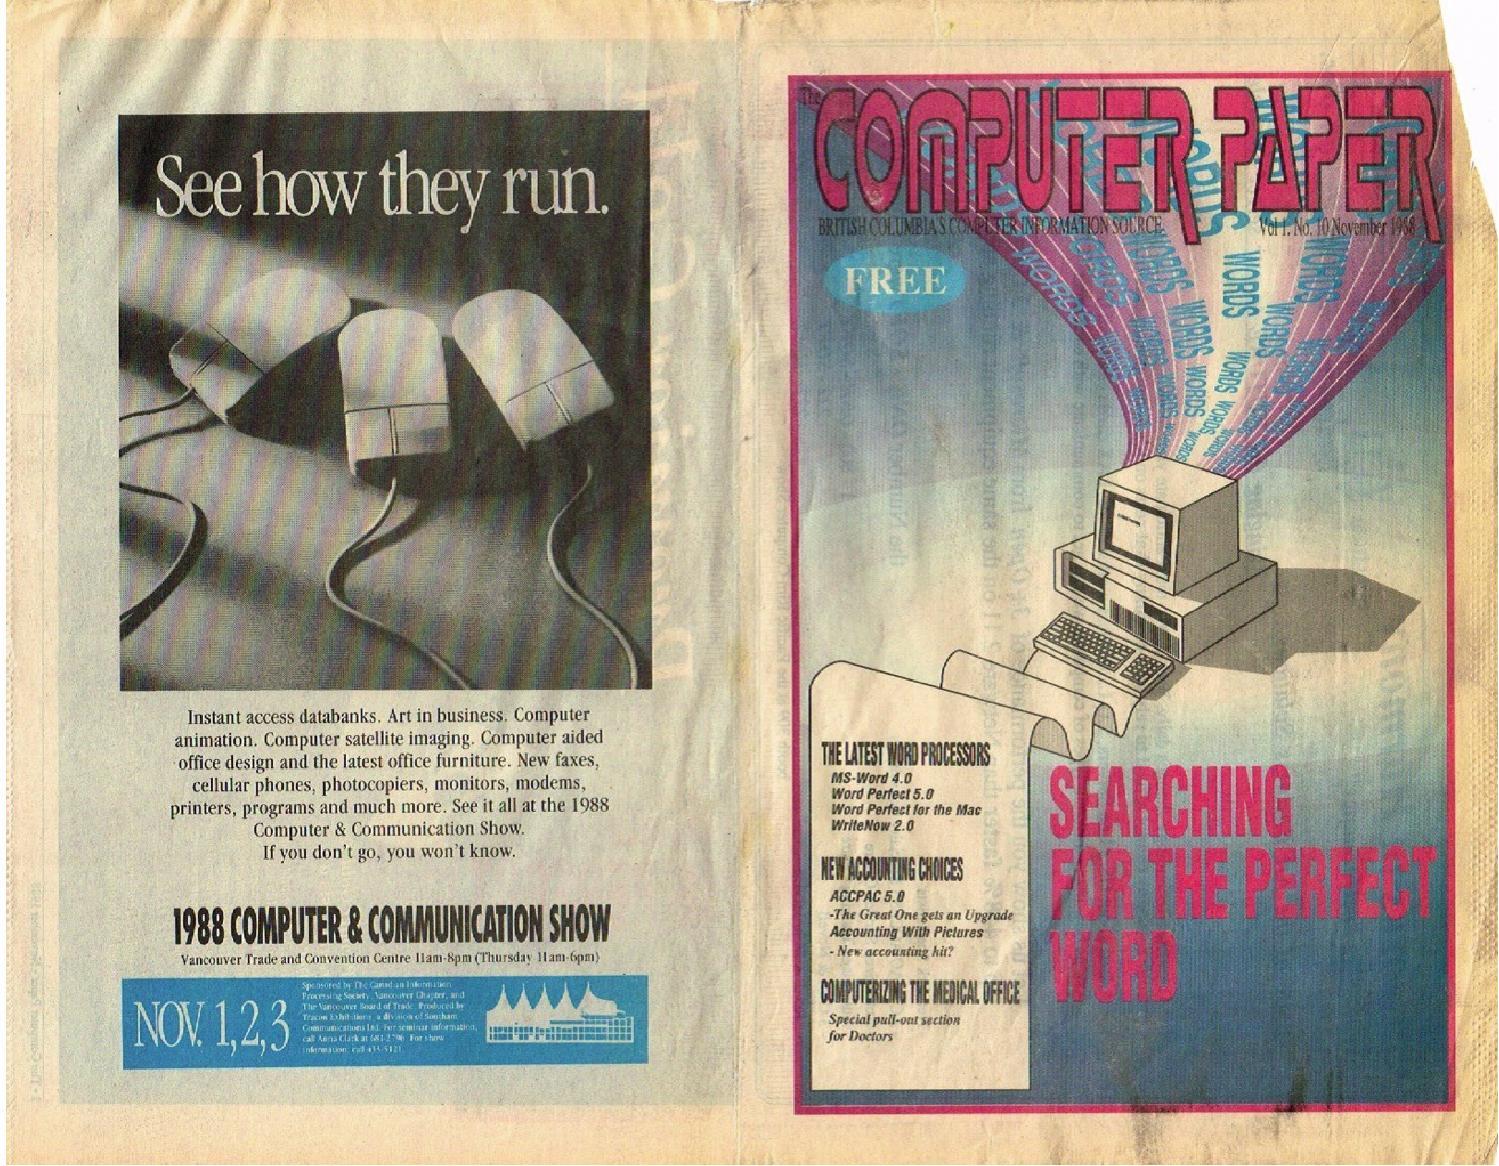 Fra Utgitt 11 Datapapiret Paper 1988 Computer pwf8qBnE